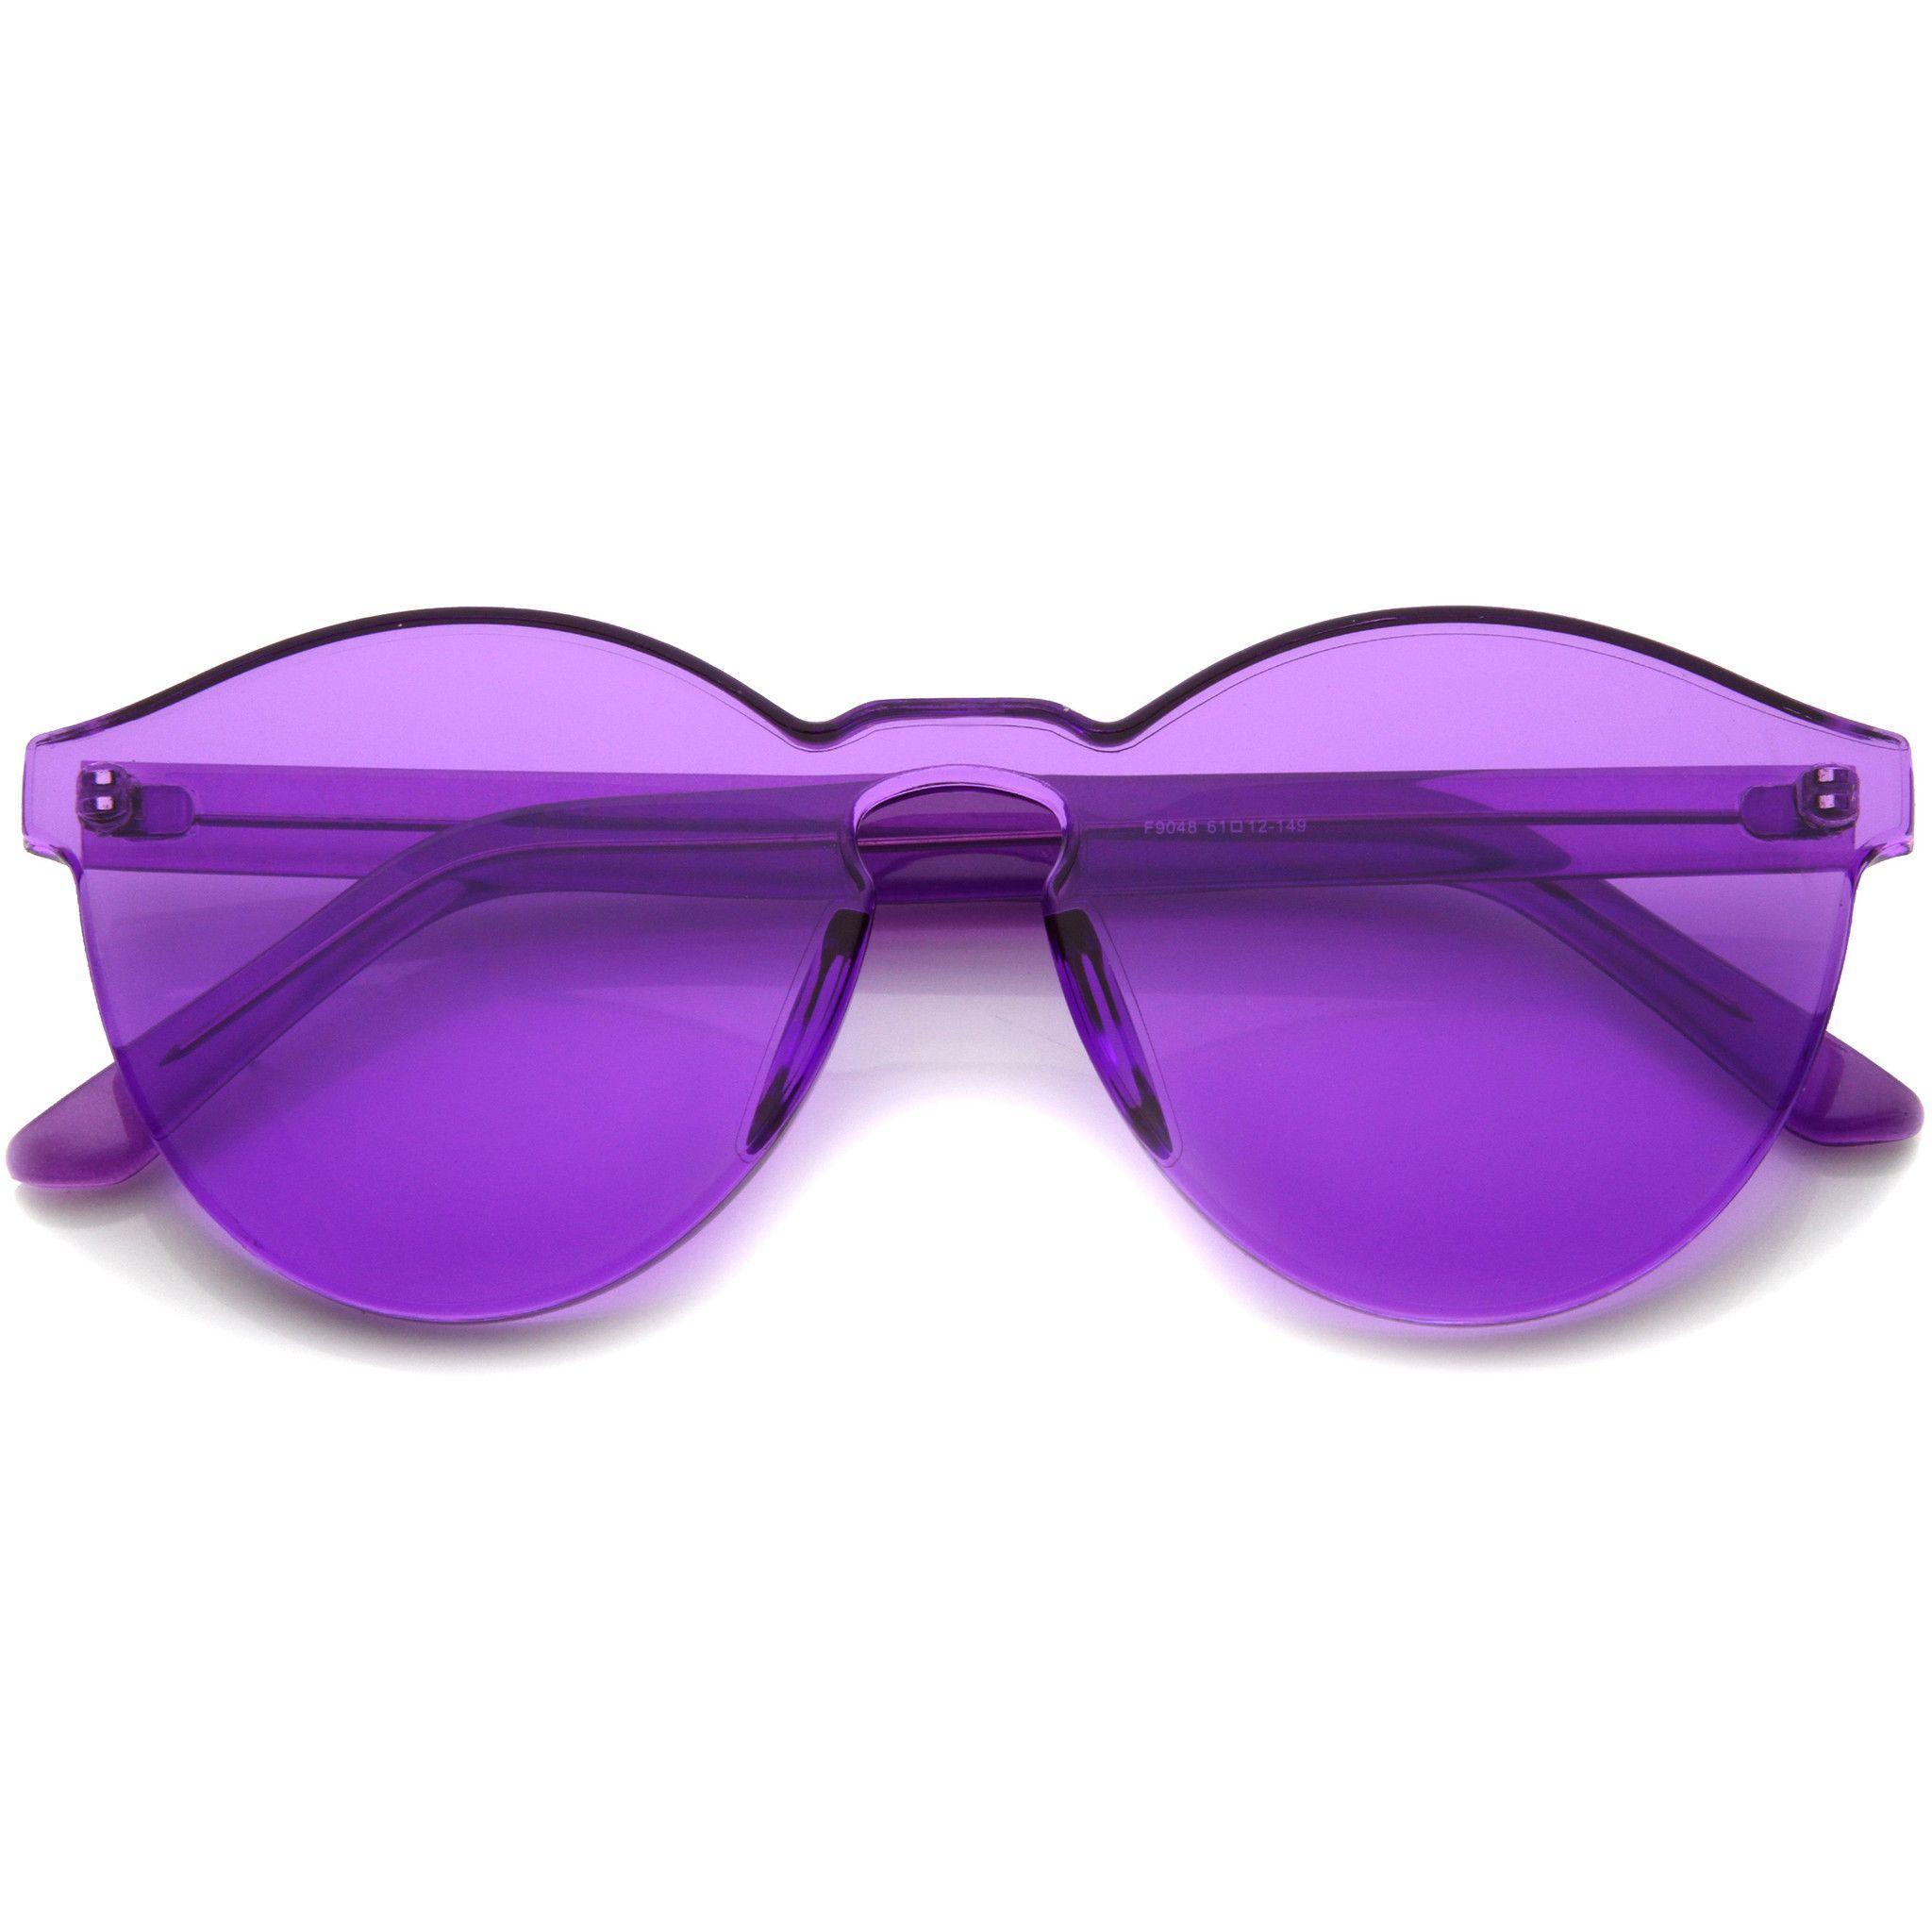 Pin On Designer Glasses & Sunglasses